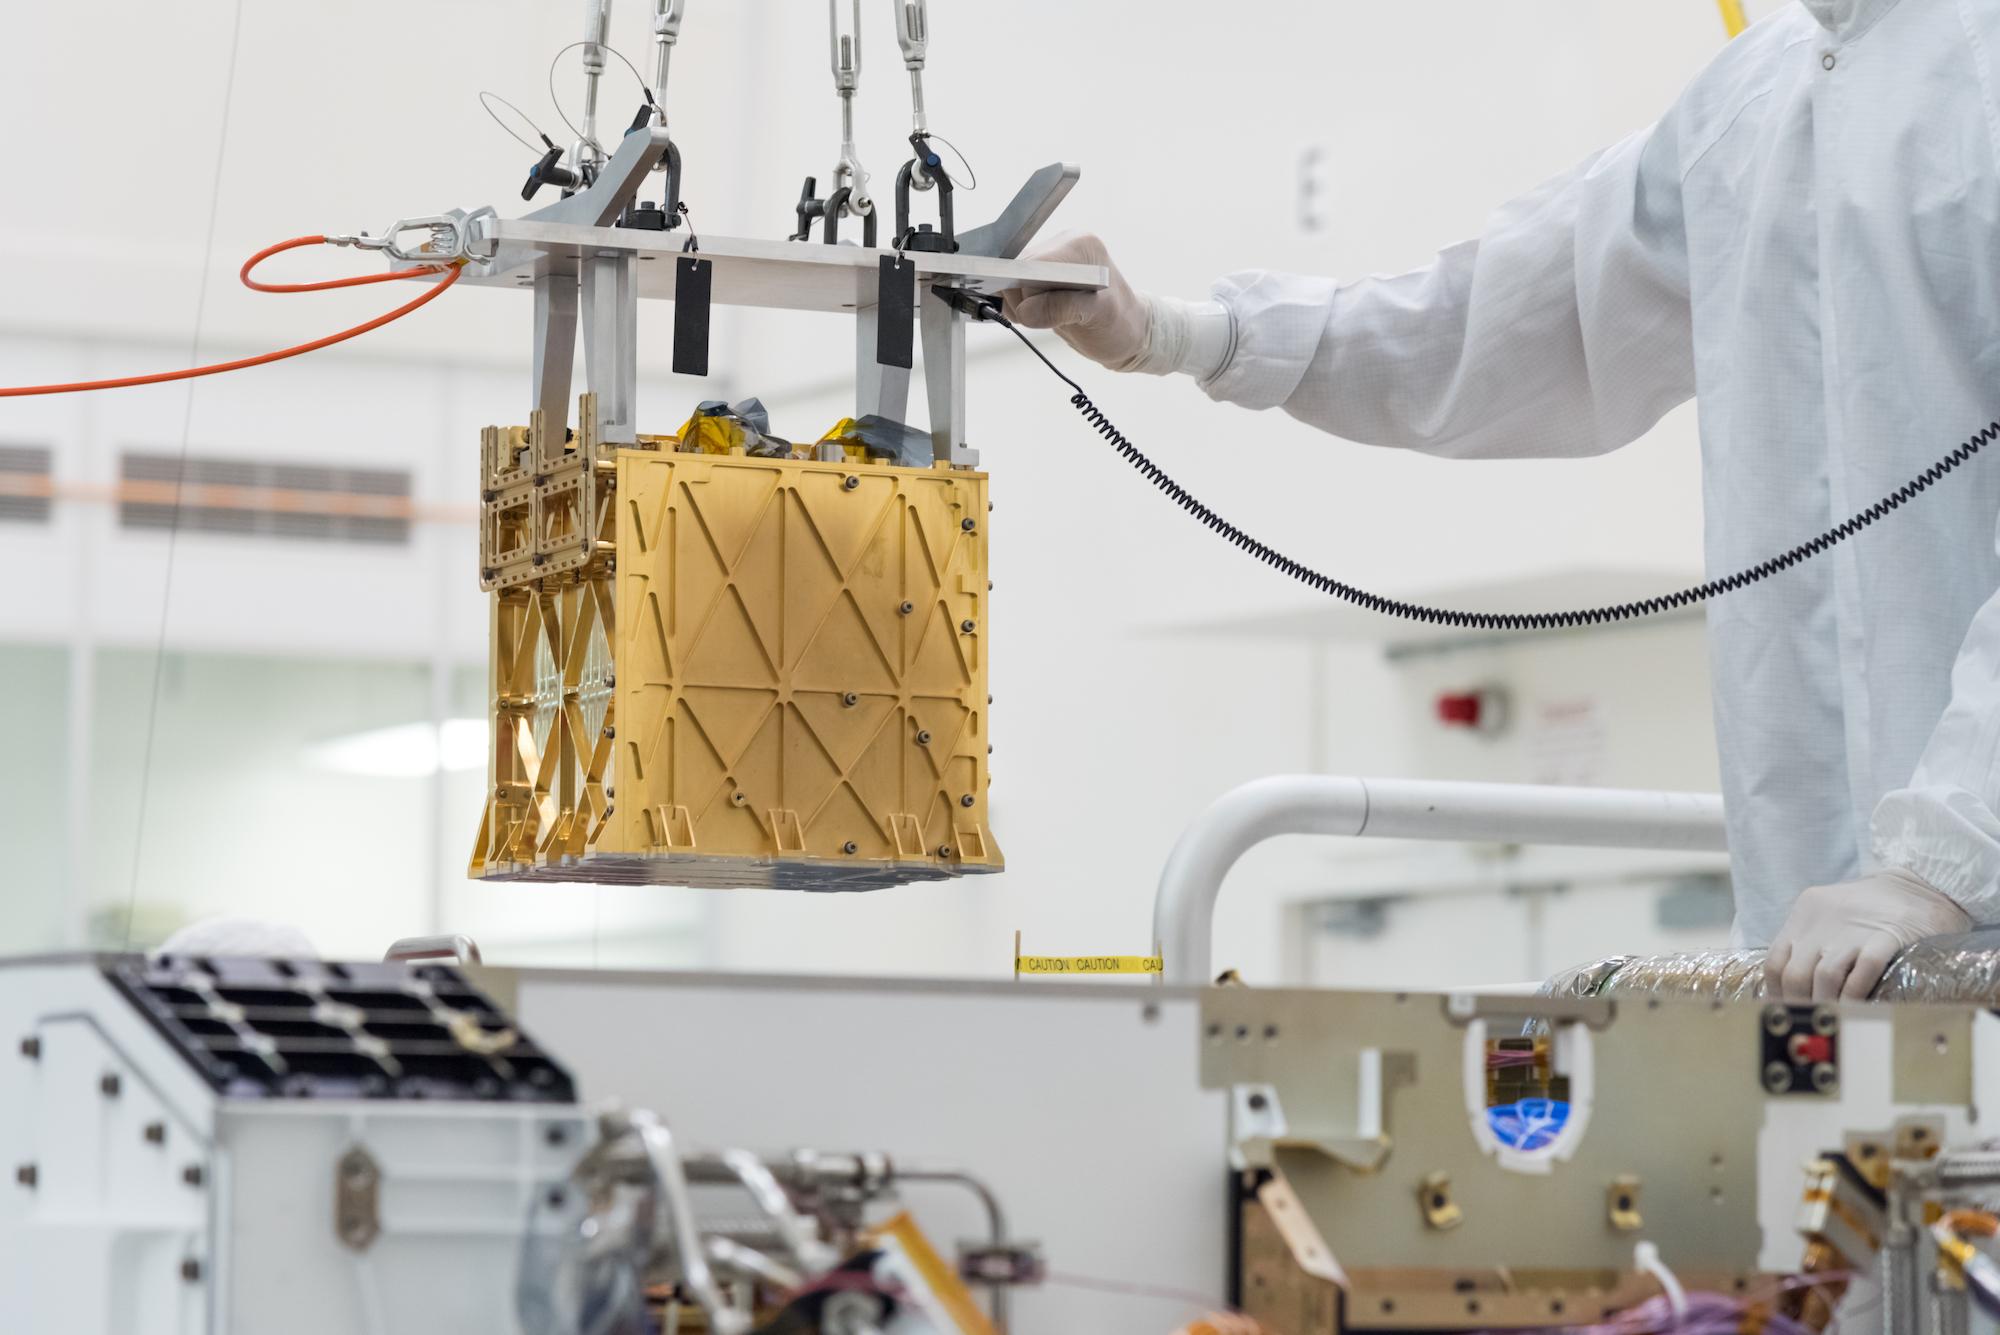 مریخنورد استقامت برای اولین بار از جو مریخ اکسیژن تولید کرد